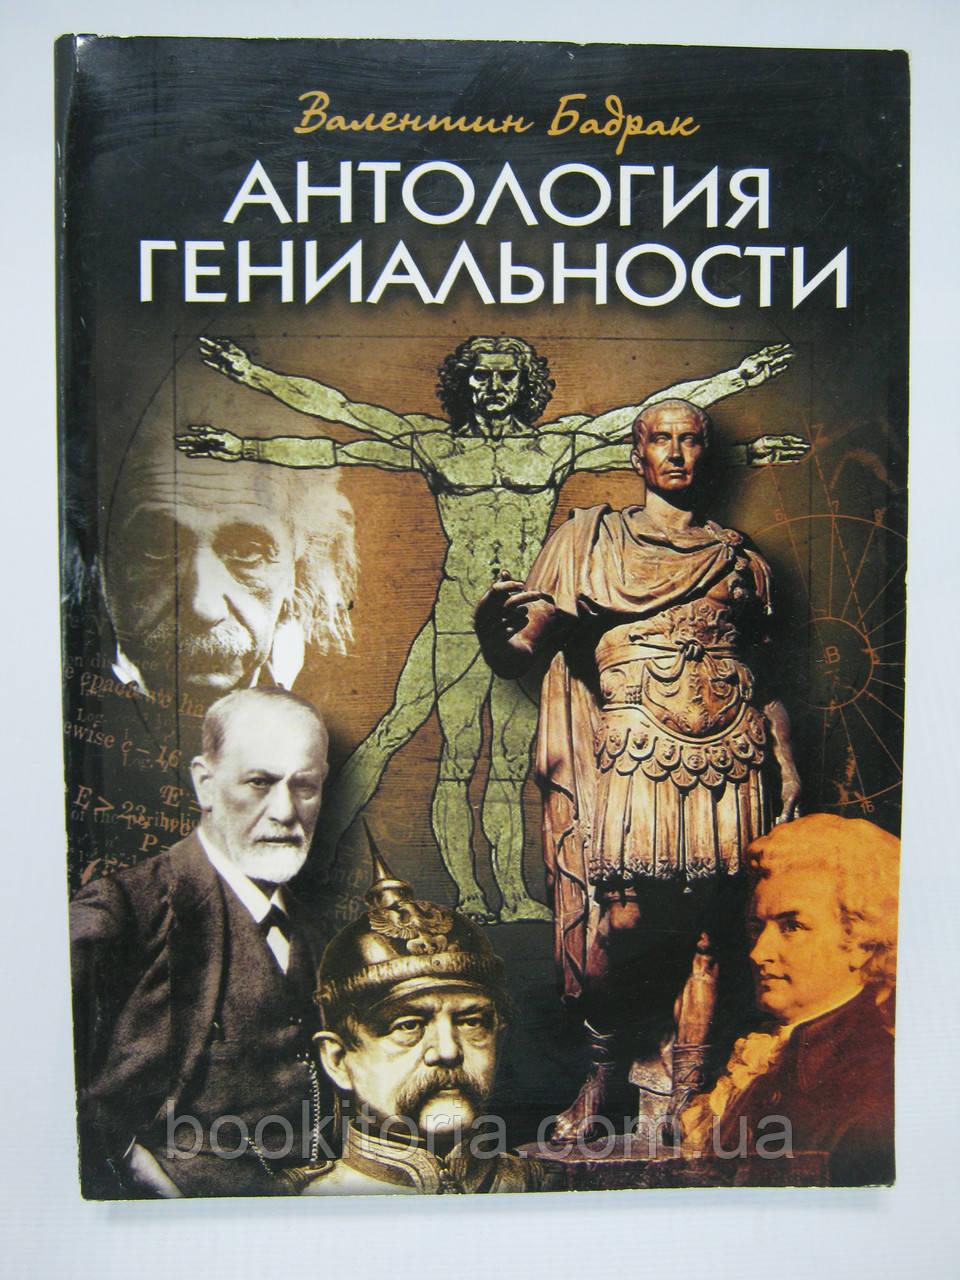 Бадрак В. Антология гениальности (б/у).